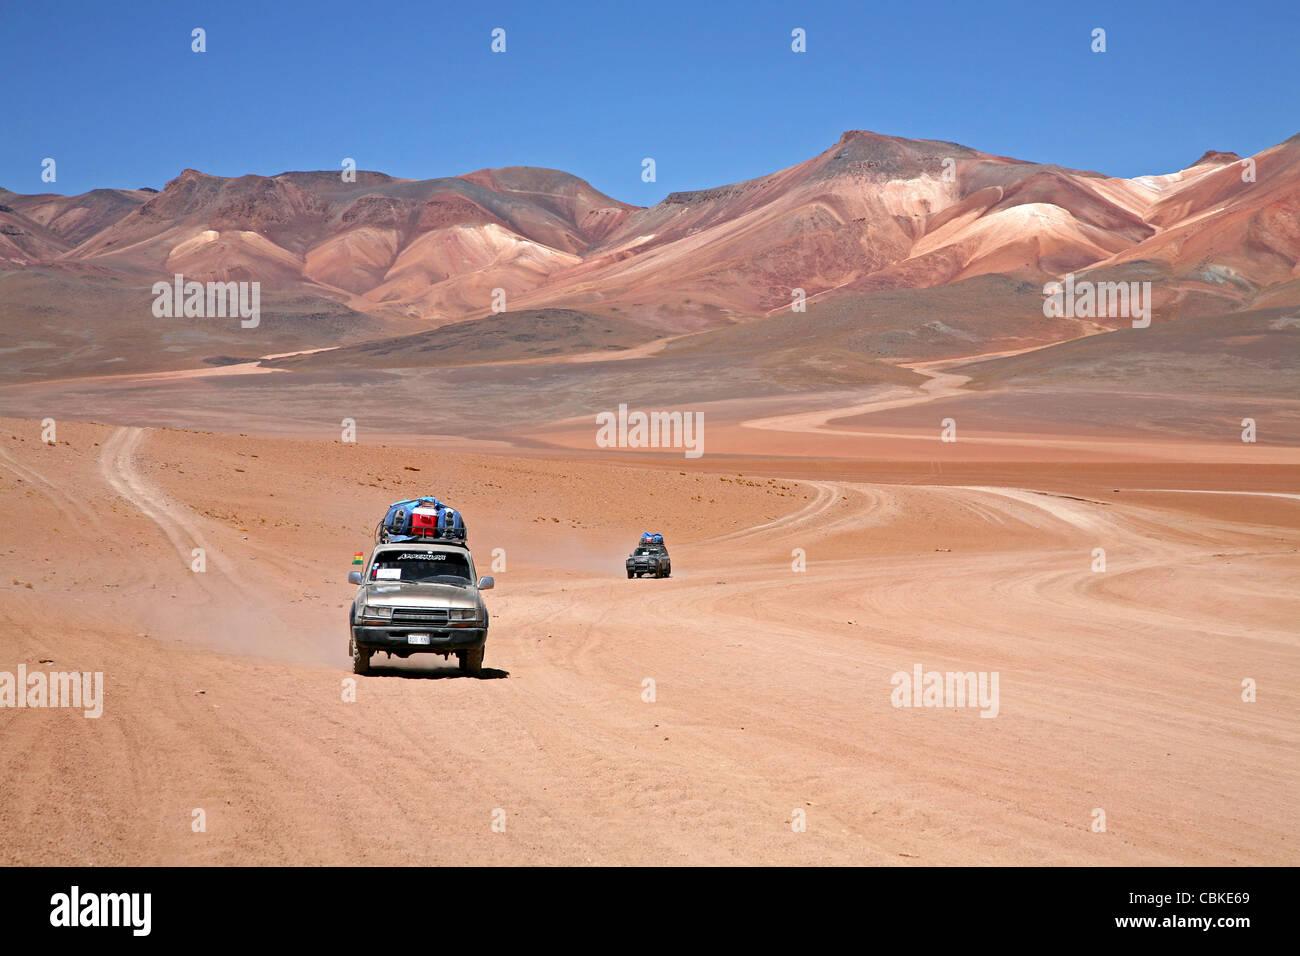 Los vehículos con tracción en las cuatro ruedas circulando en dirt-track en el altiplano de Bolivia Imagen De Stock